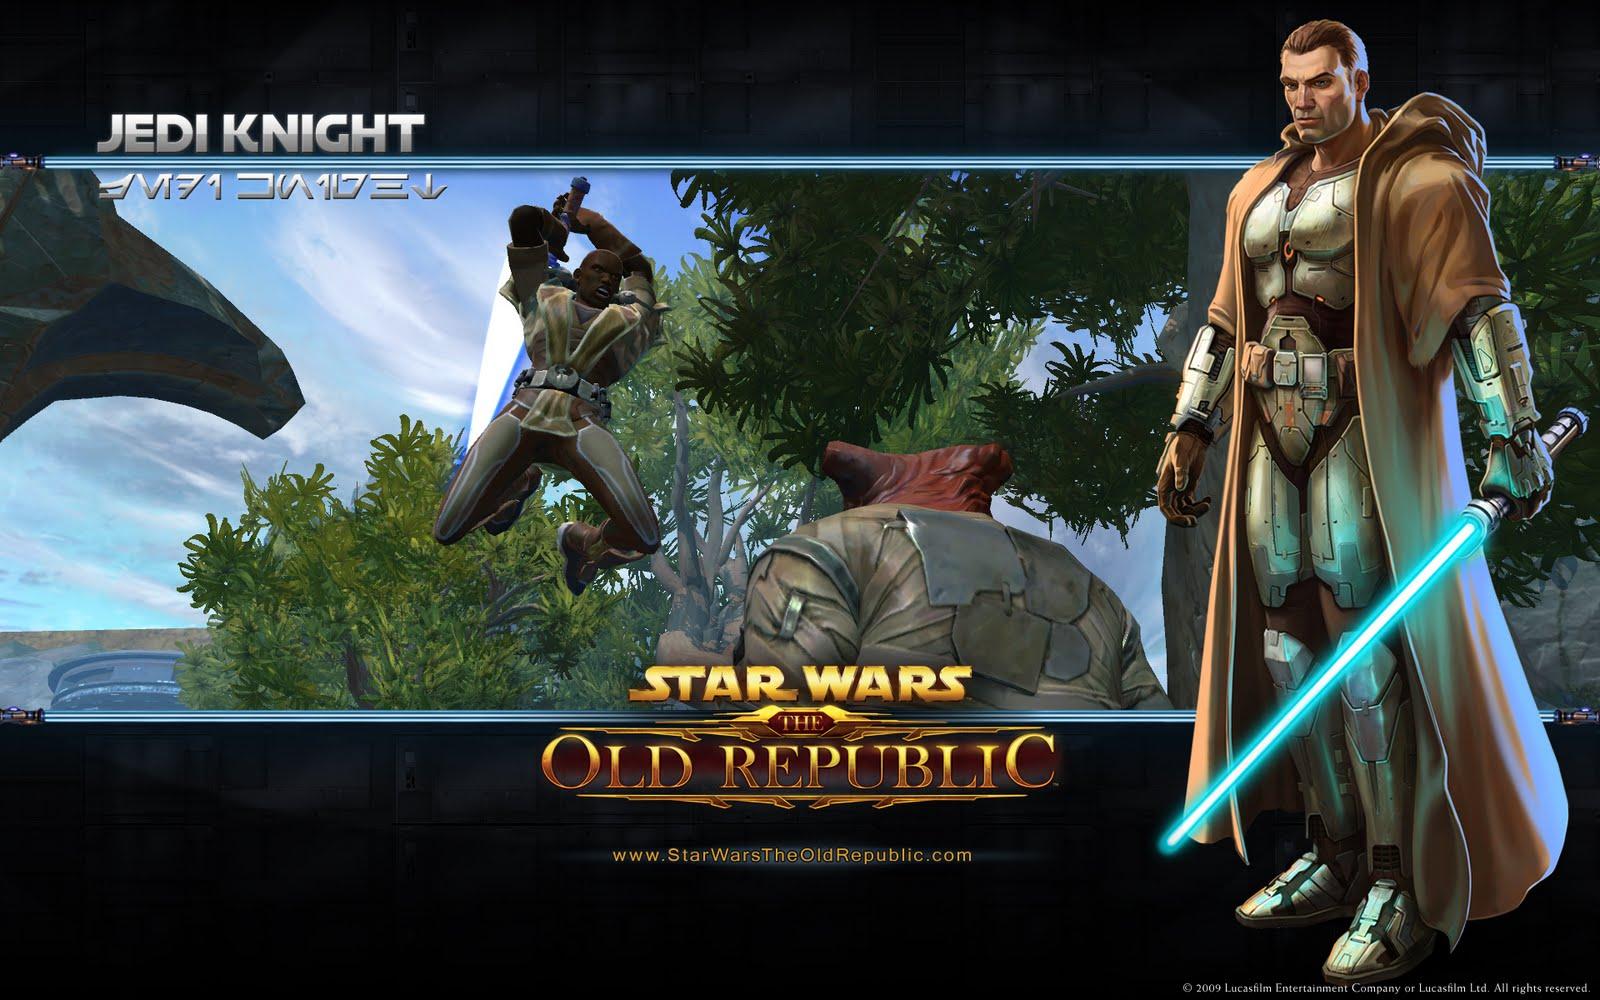 Star wars the old republic wallpaper star wars the old republic star